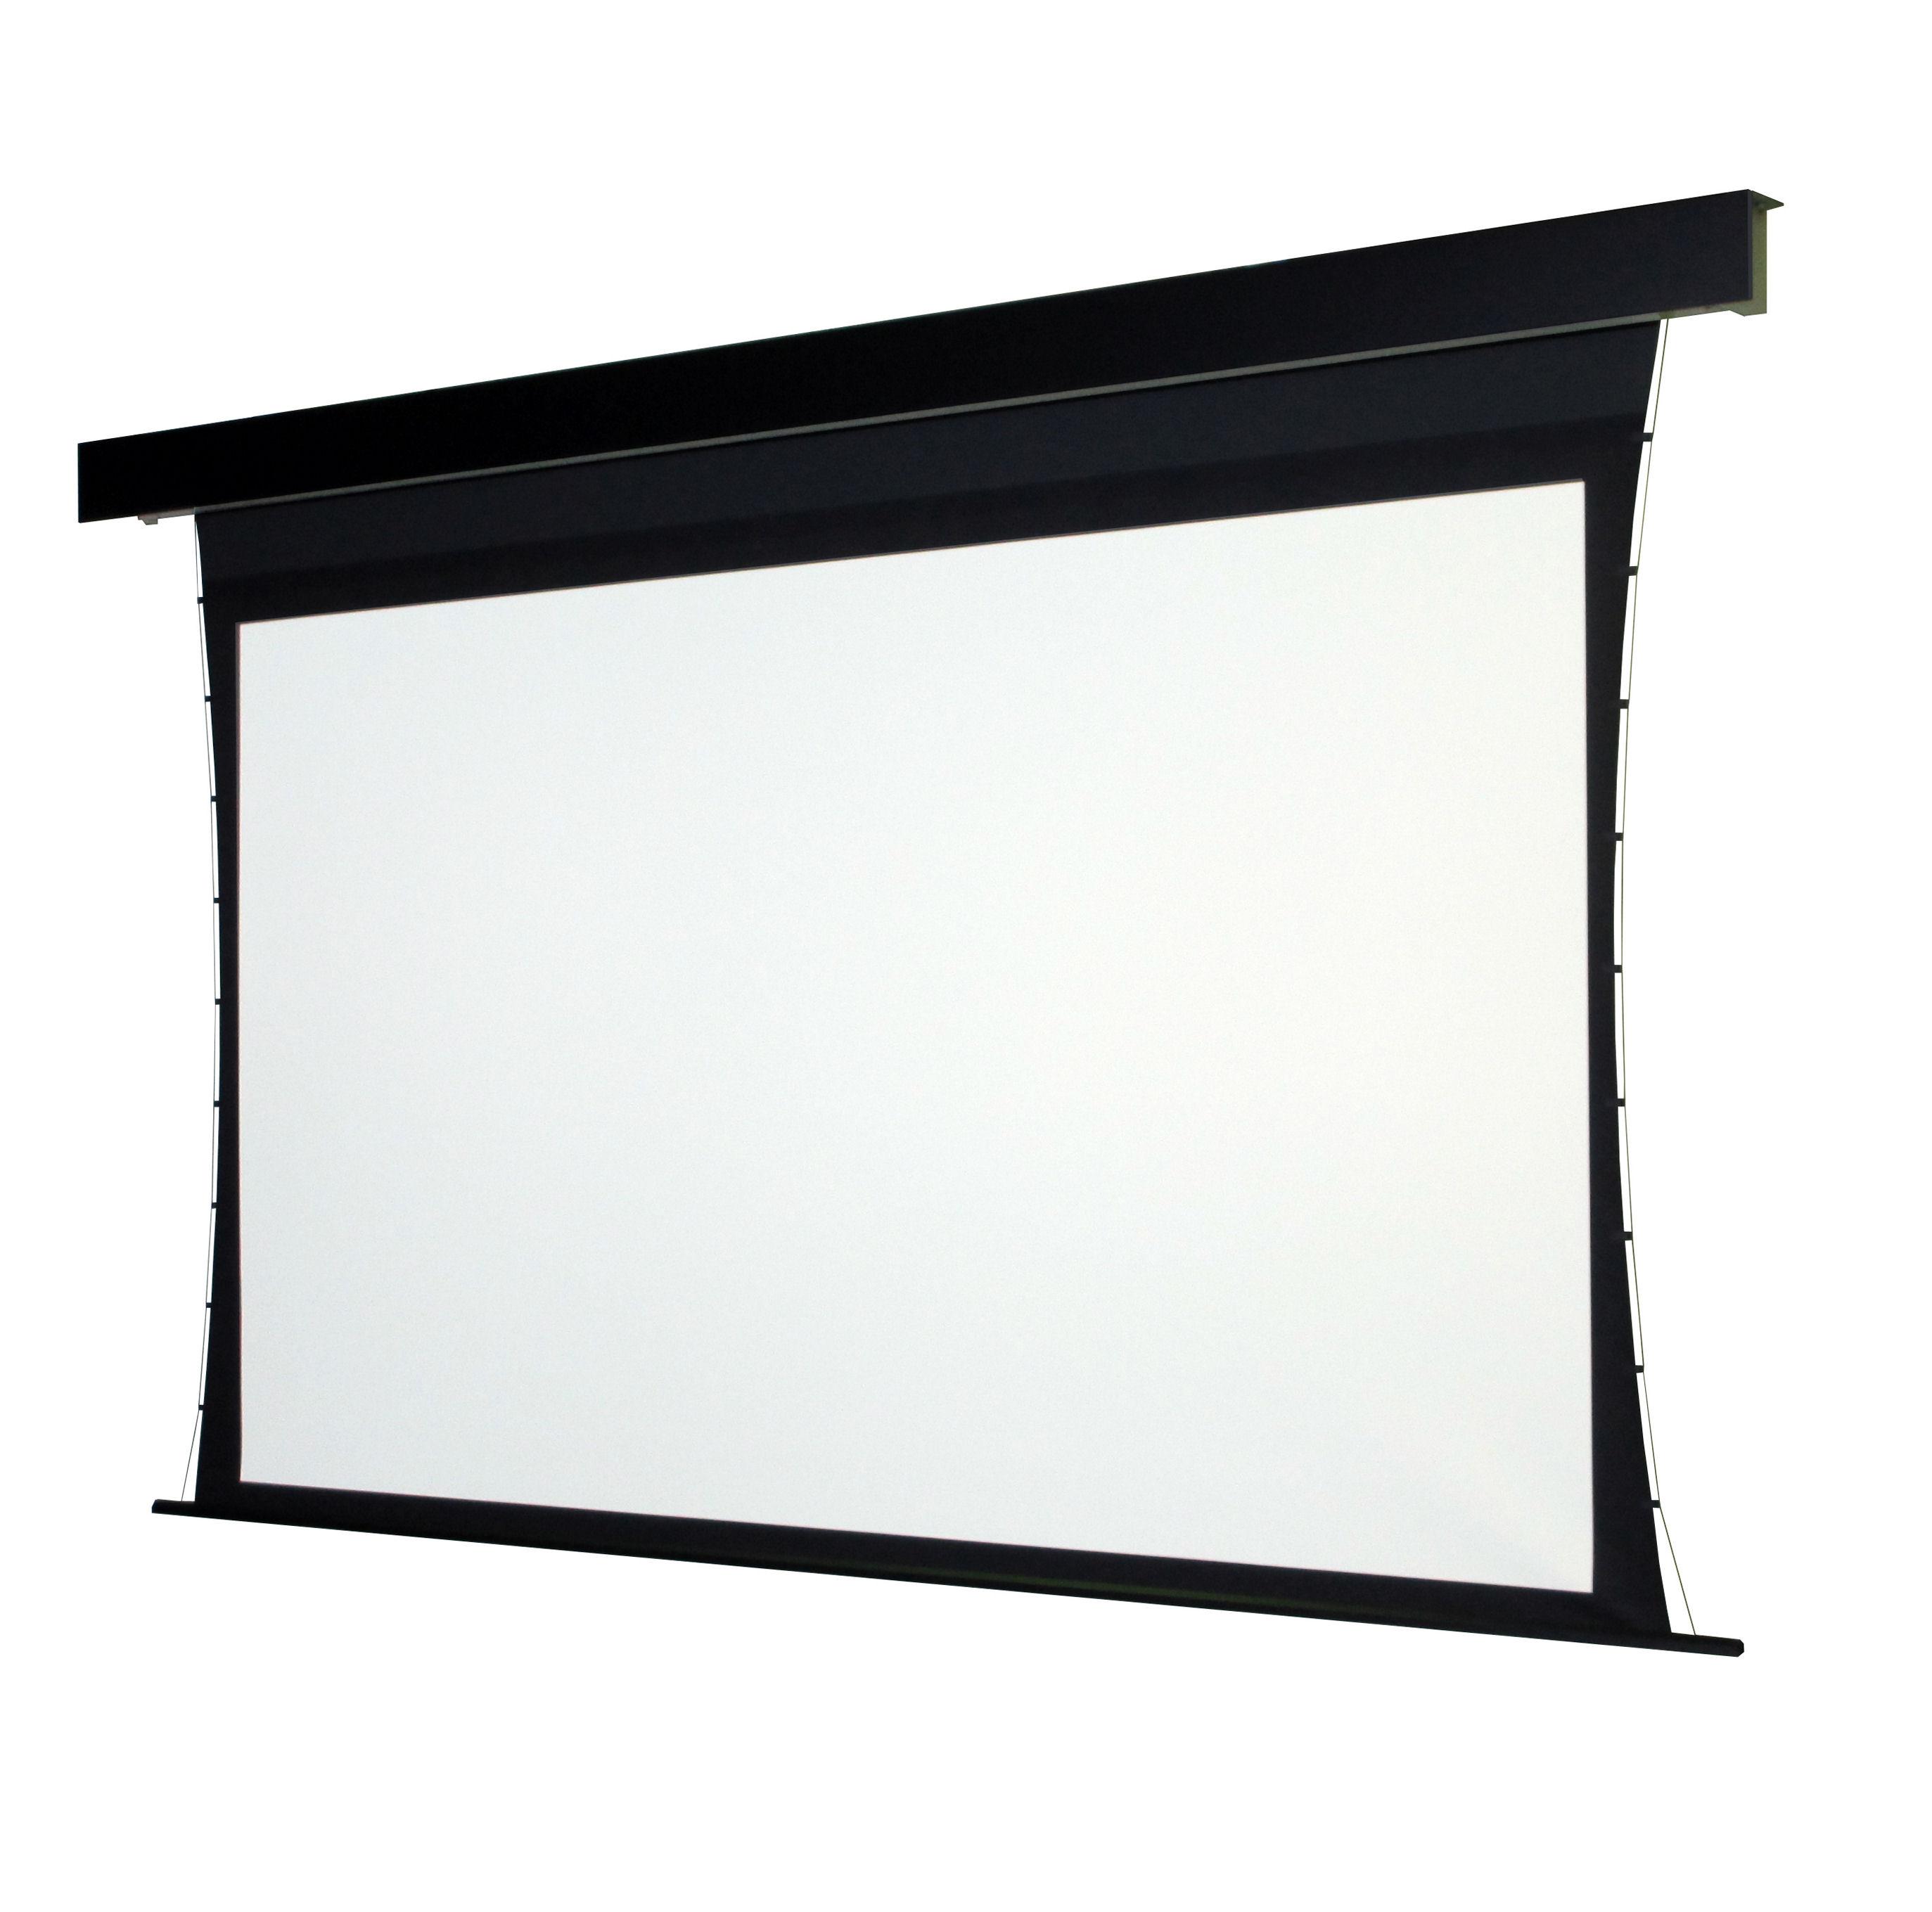 サイドテンション付き電動スクリーンSTP 張込スクリーン並みの優れた平面性を実現しオーエスから新登場!